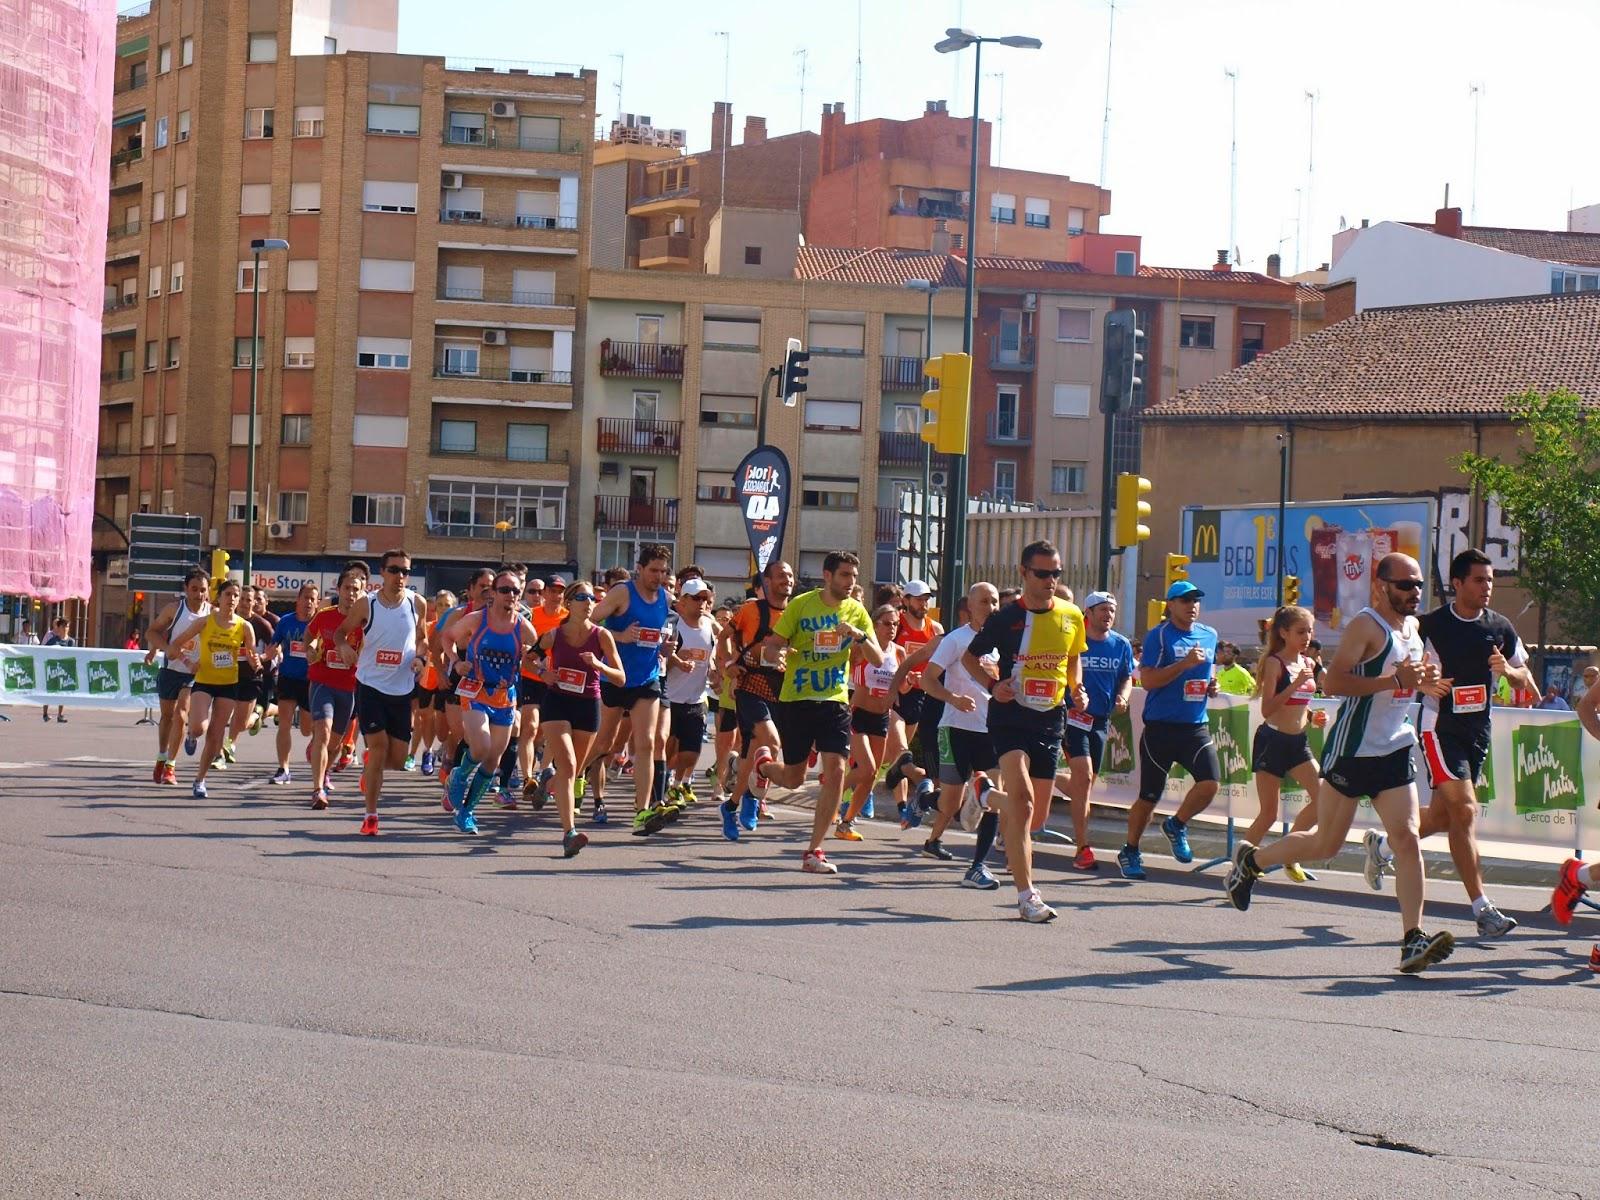 10k zaragoza carrera 2014 running fotos